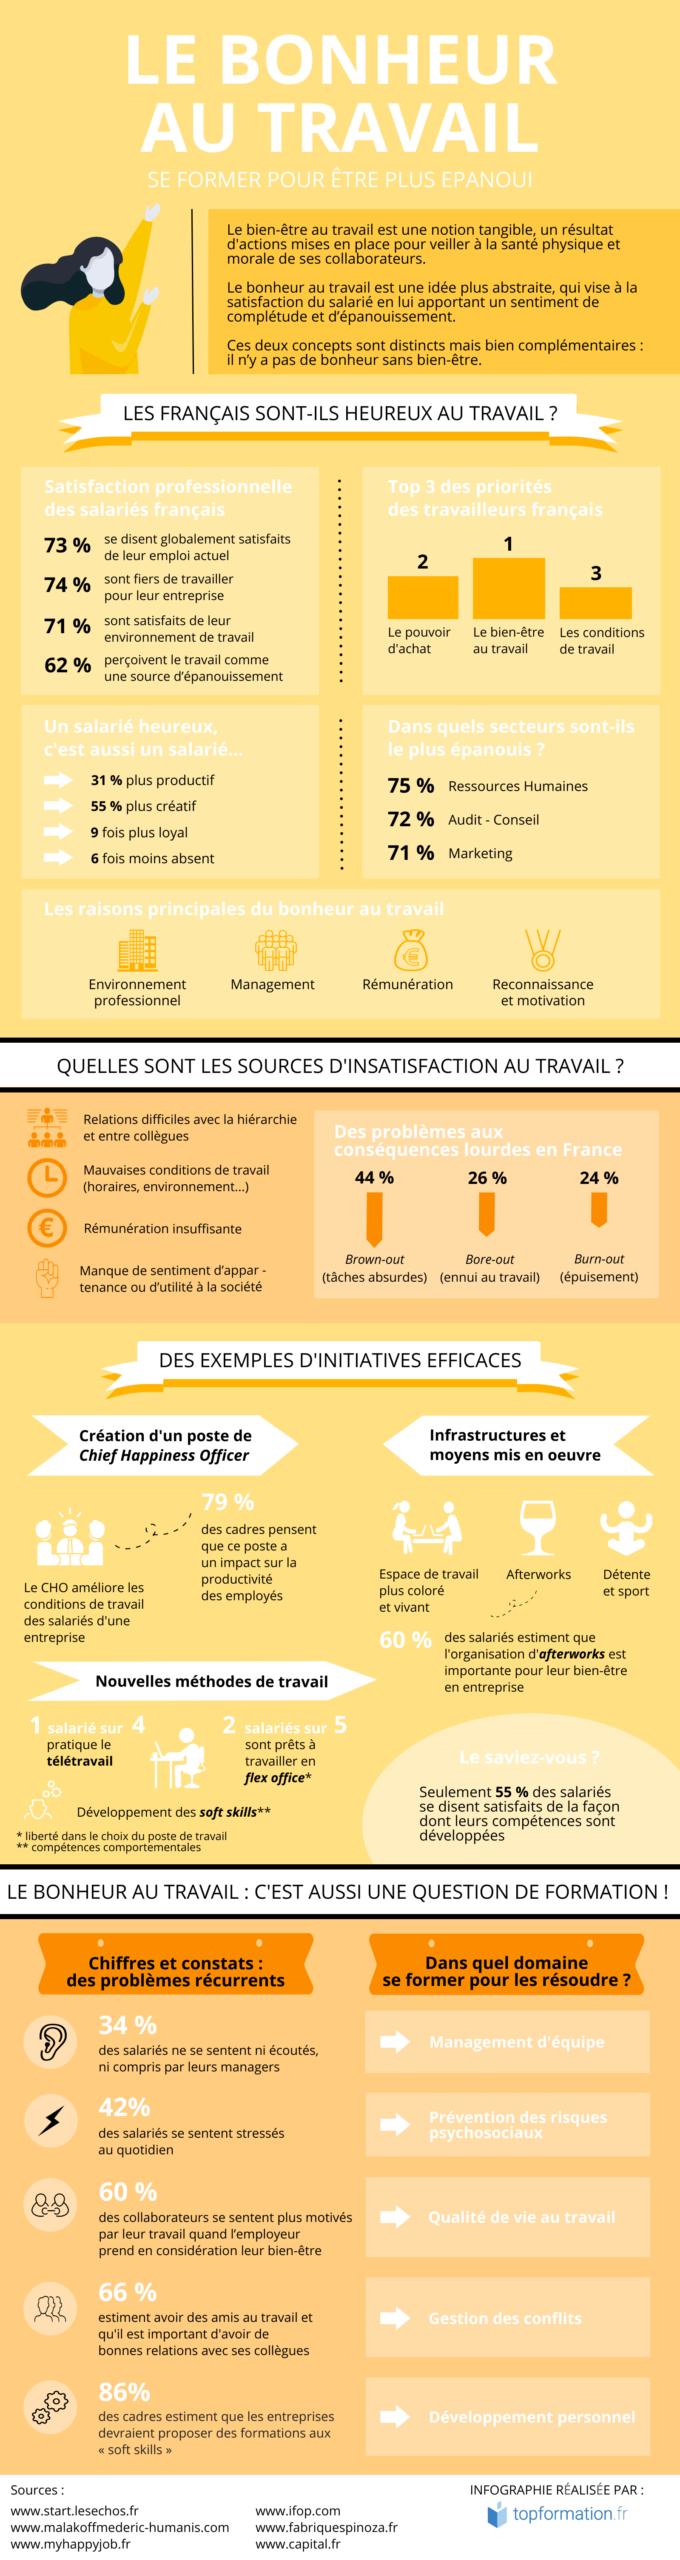 infographie bonheur au travail